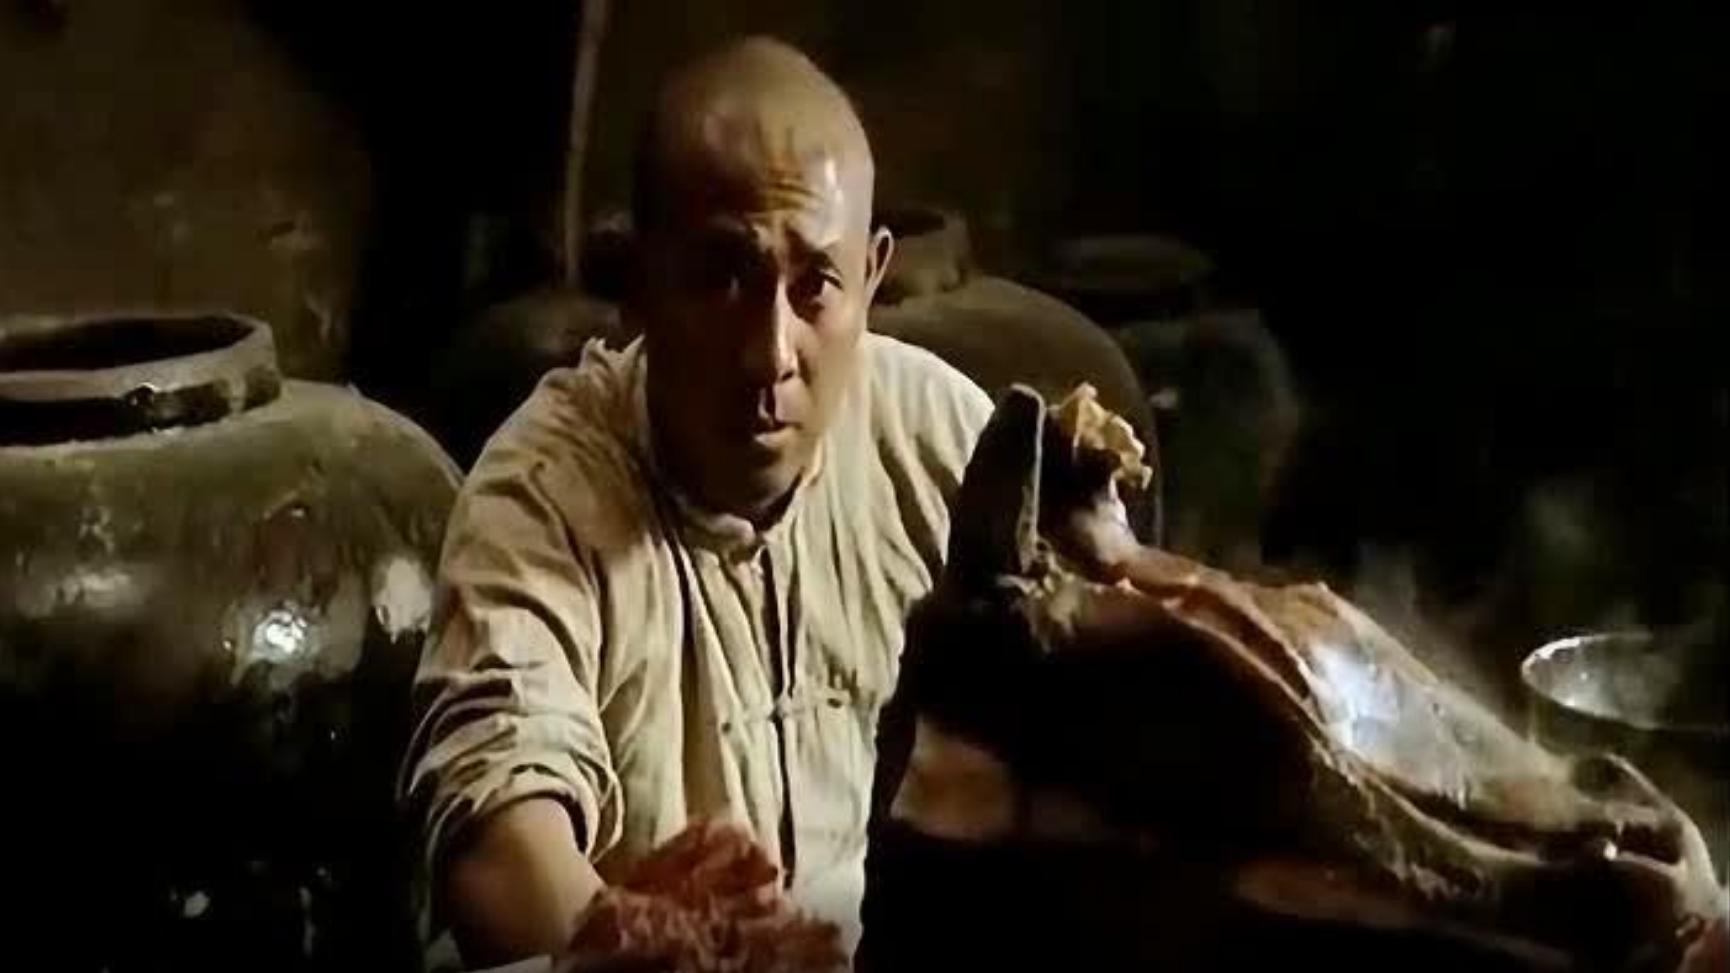 红高粱:姜文抱牛头啃肉这个动作,绝大多数小鲜肉模仿不了